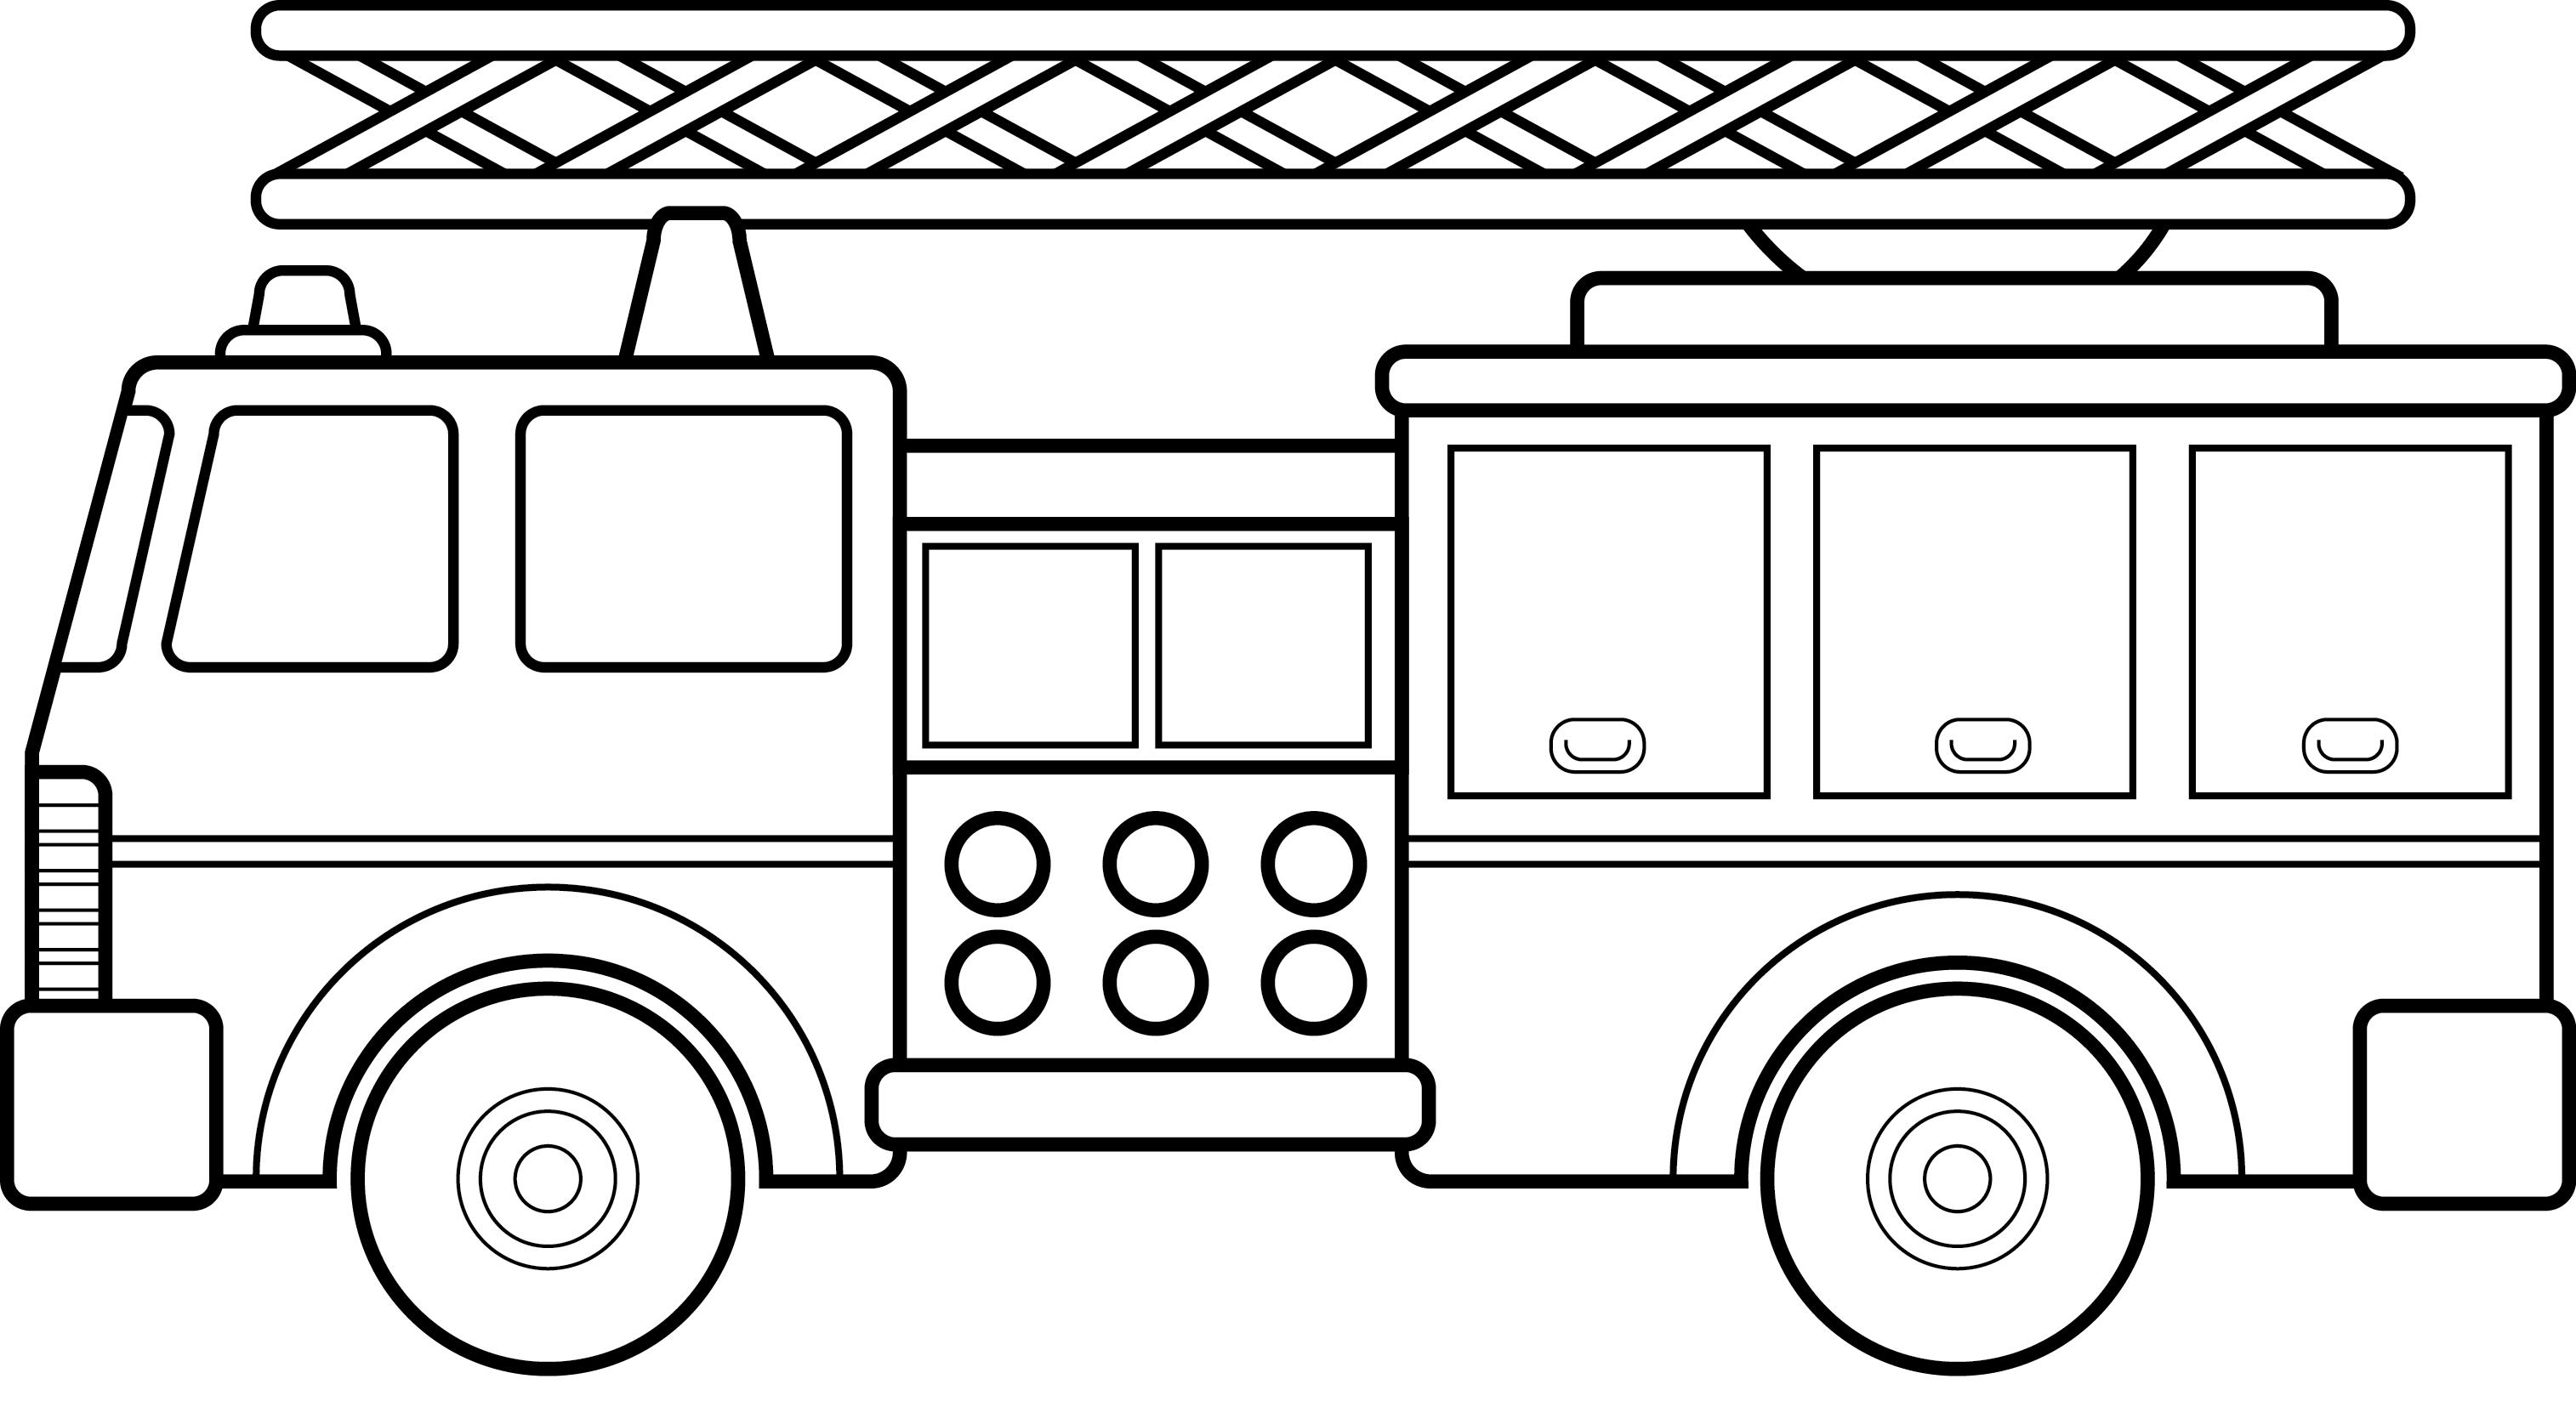 Fire truck cars and trucks cl - Firetruck Clipart